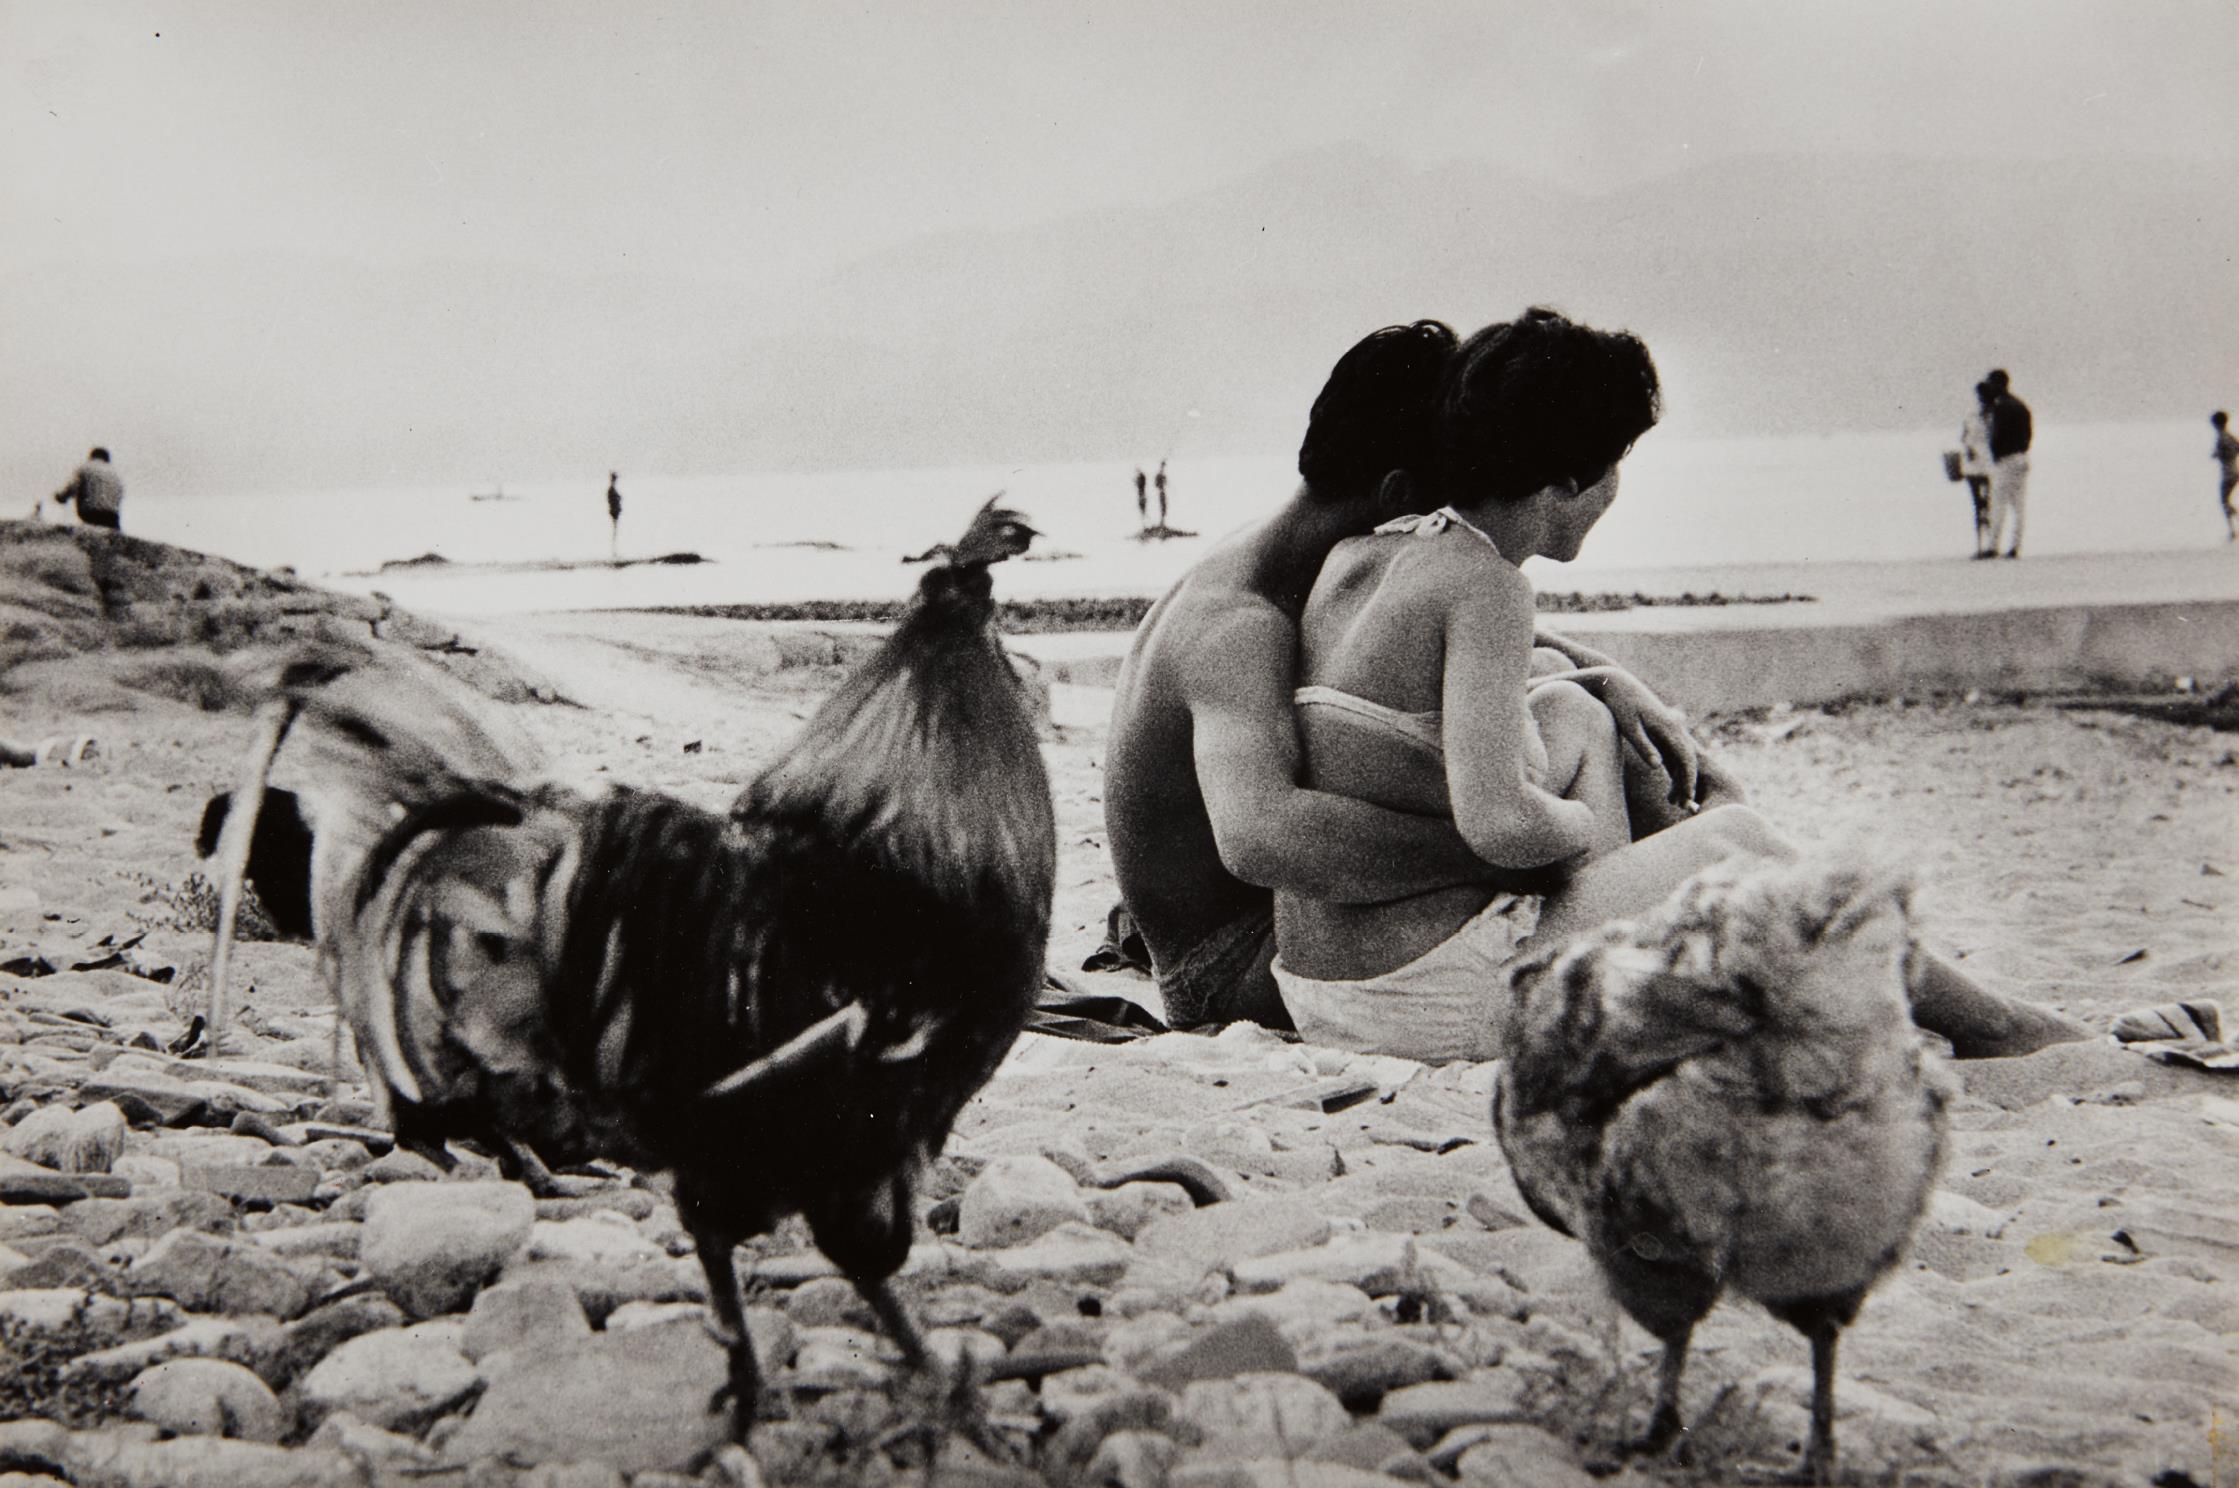 Henri Cartier-Bresson-Cote d'Azur, Var, Saint Tropez-1959